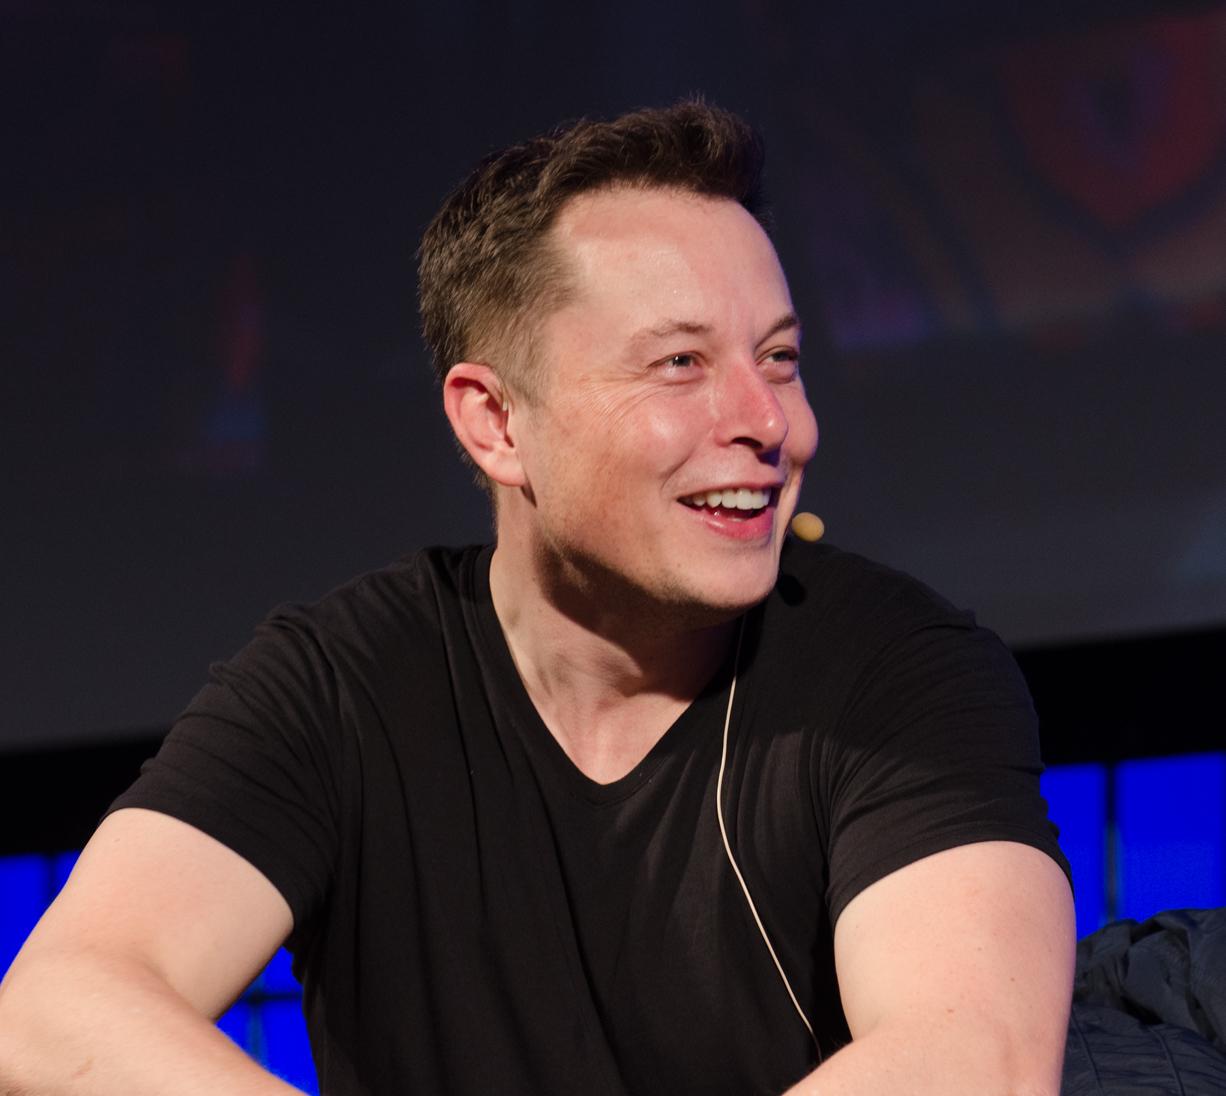 Elon Musks